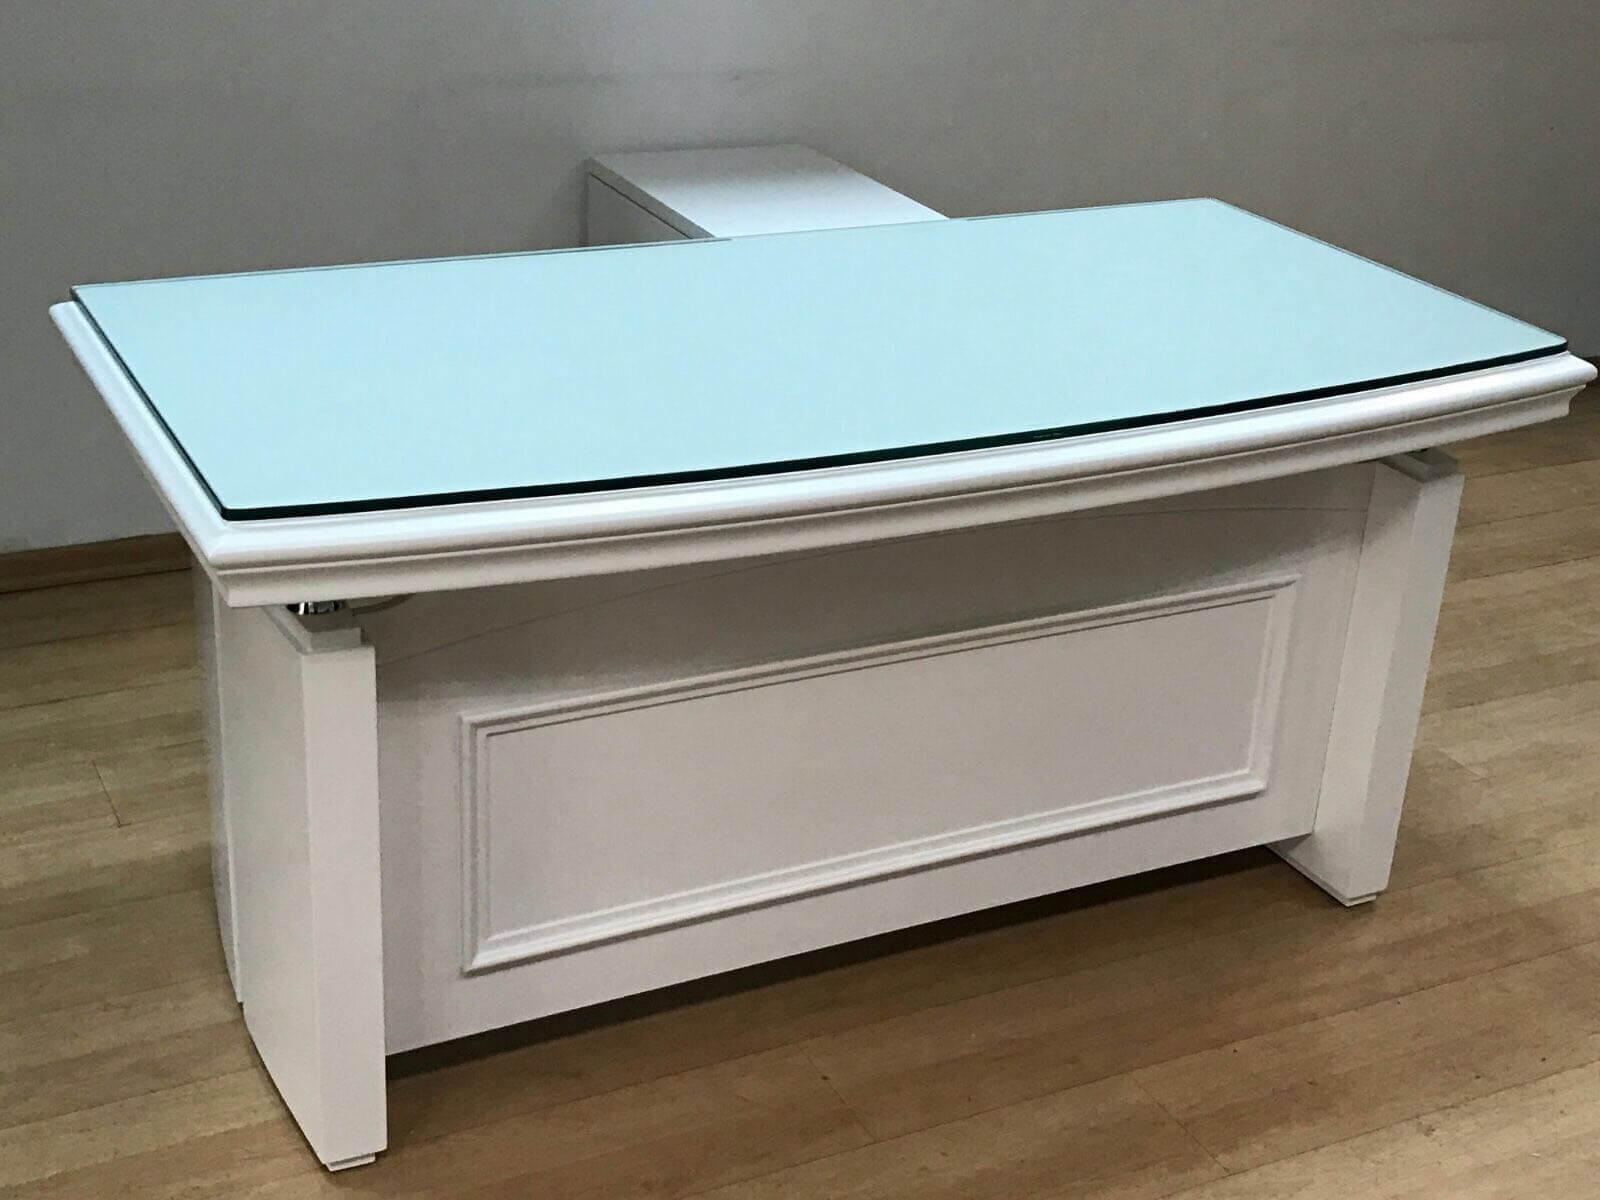 להפליא שולחן מנהלים דגם A-06 לבן זכוכית - קל נוח ריהוט משרדי FY-35